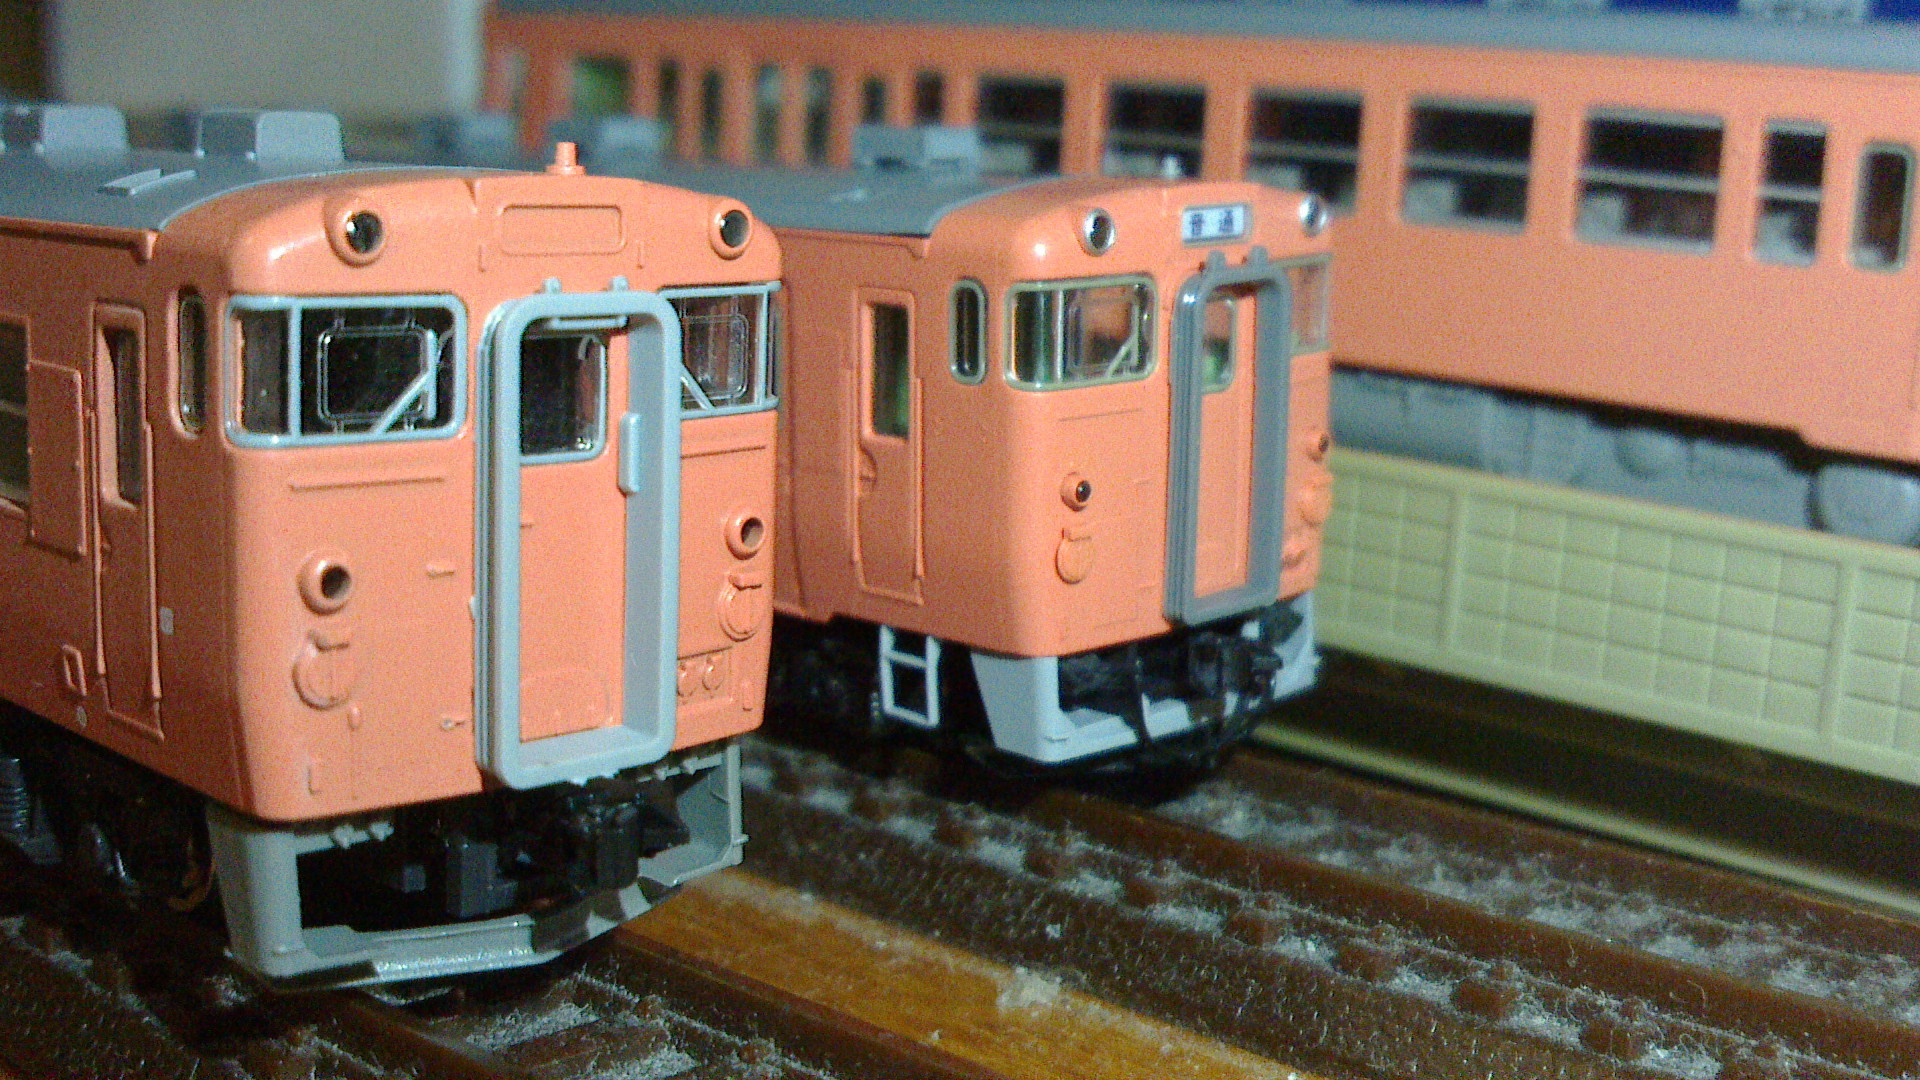 NEC_0966.jpg